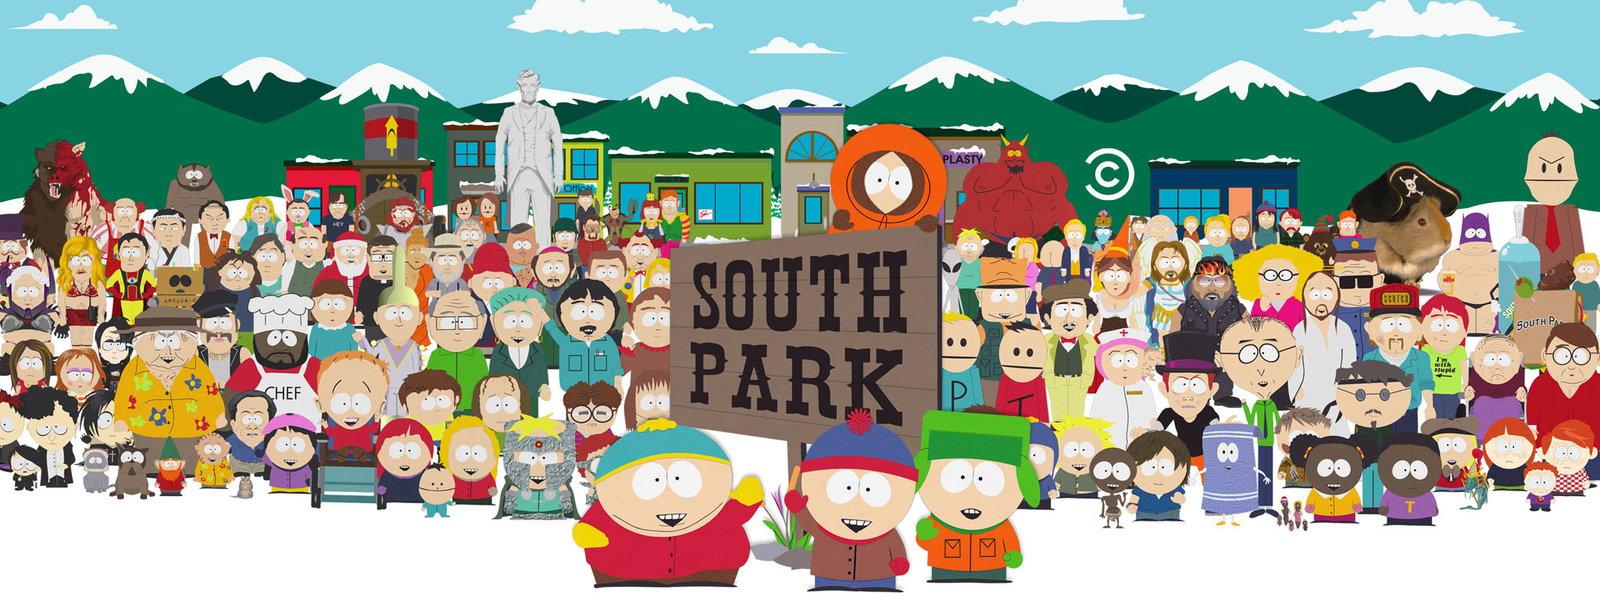 south park wallpaper for desktop image size 1600x600px south park 1600x600